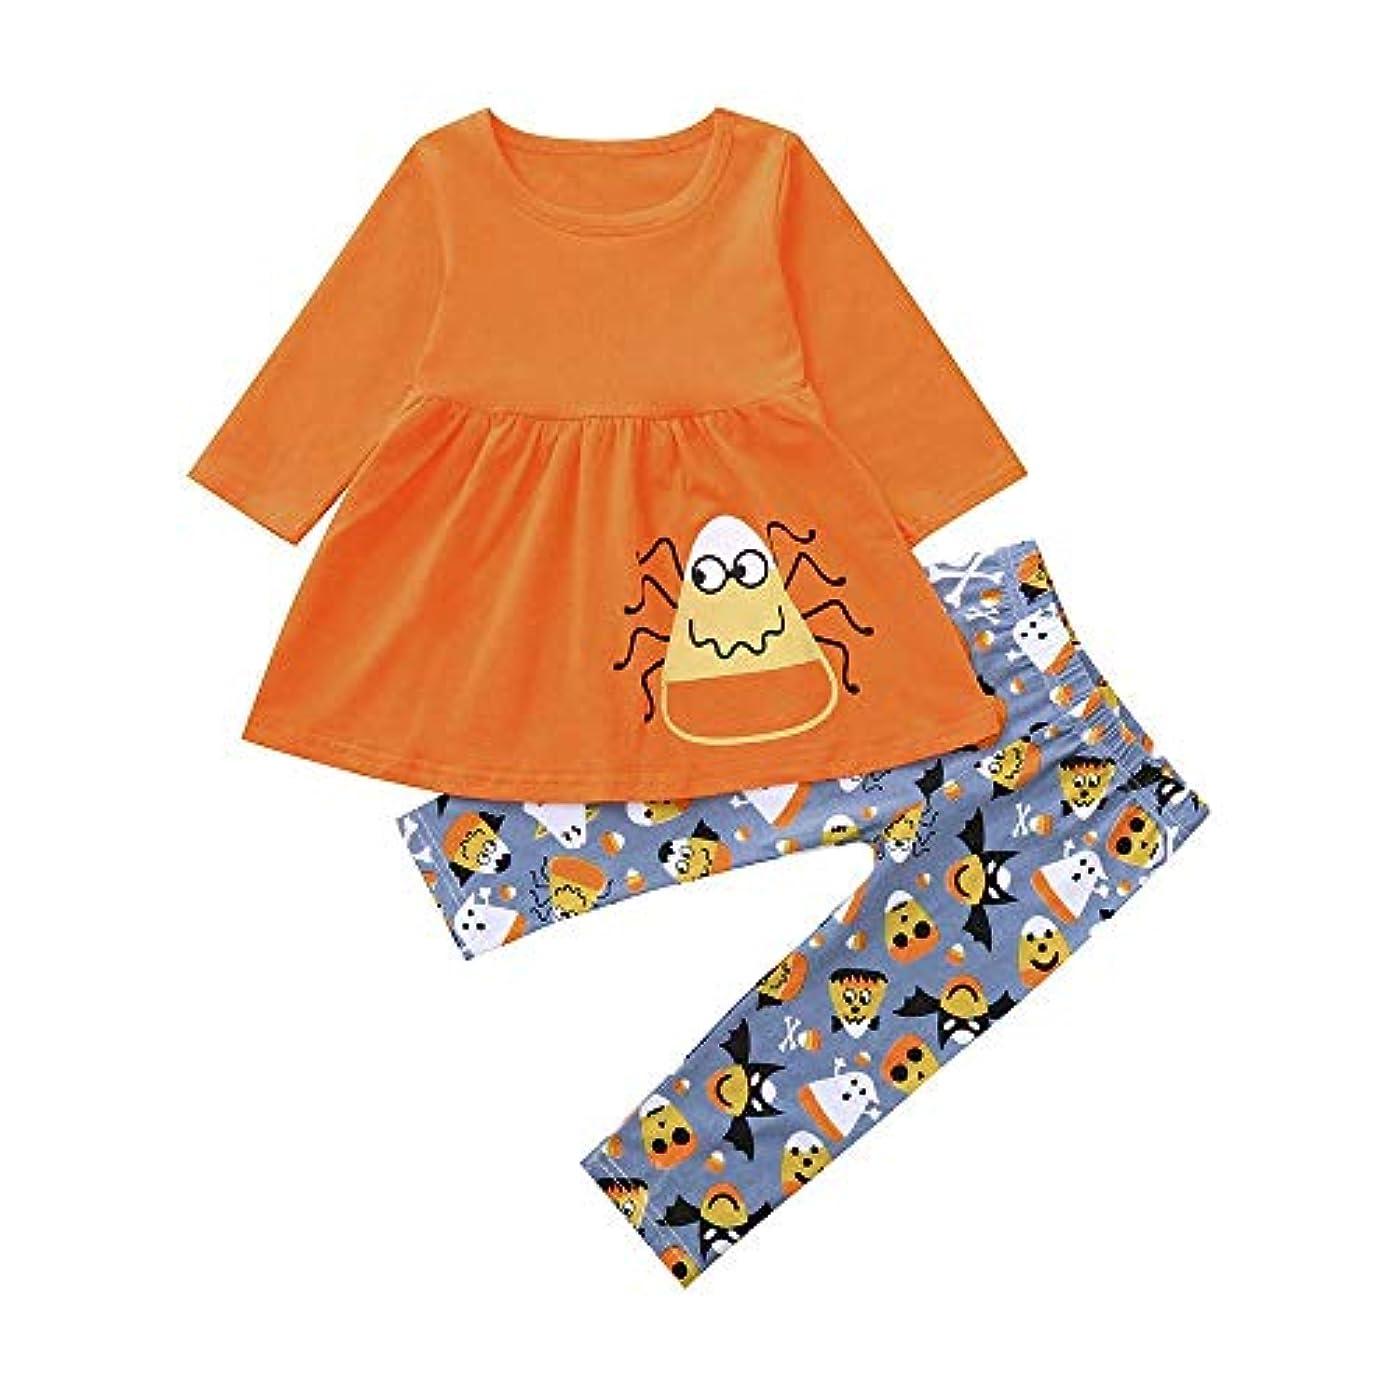 枯渇報奨金真面目なBHKK 幼児の女の子ロングスリーブプリントトップス+パンツハロウィーンの装飾セット 24ヶ月 -6 歳 24ヶ月